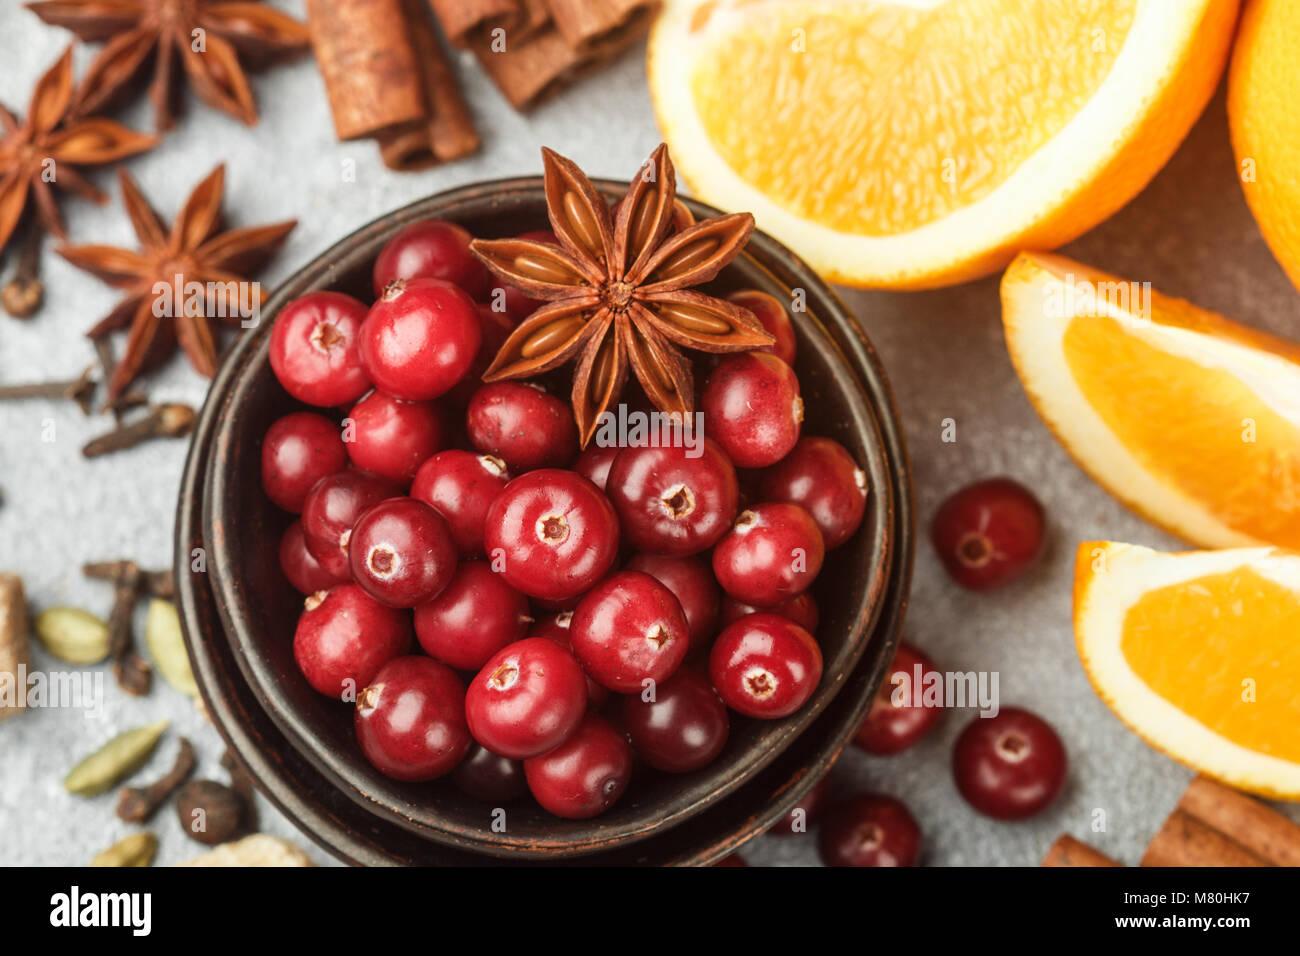 Zutaten zum Kochen traditionelle würzig Winter Getränke - Cranberry, Zitrone, Zimt, Kardamom, Sternanis, Stockbild